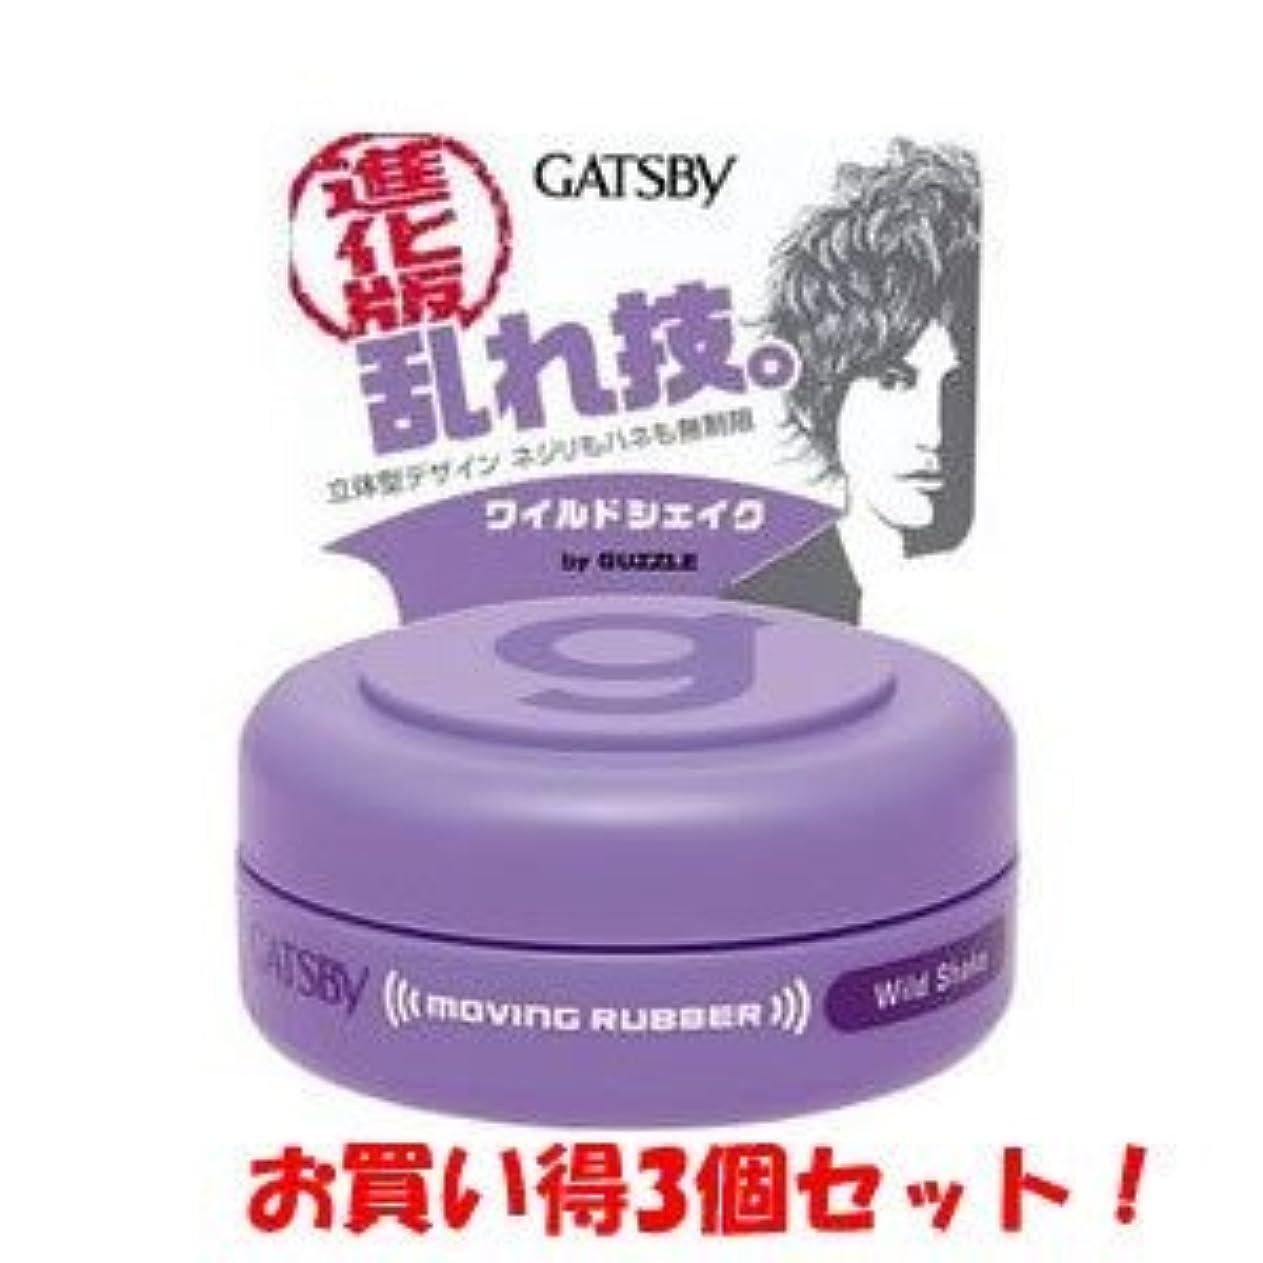 動作シェアプロフィールギャツビー【GATSBY】ムービングラバー ワイルドシェイクモバイル 15g(お買い得3個セット)